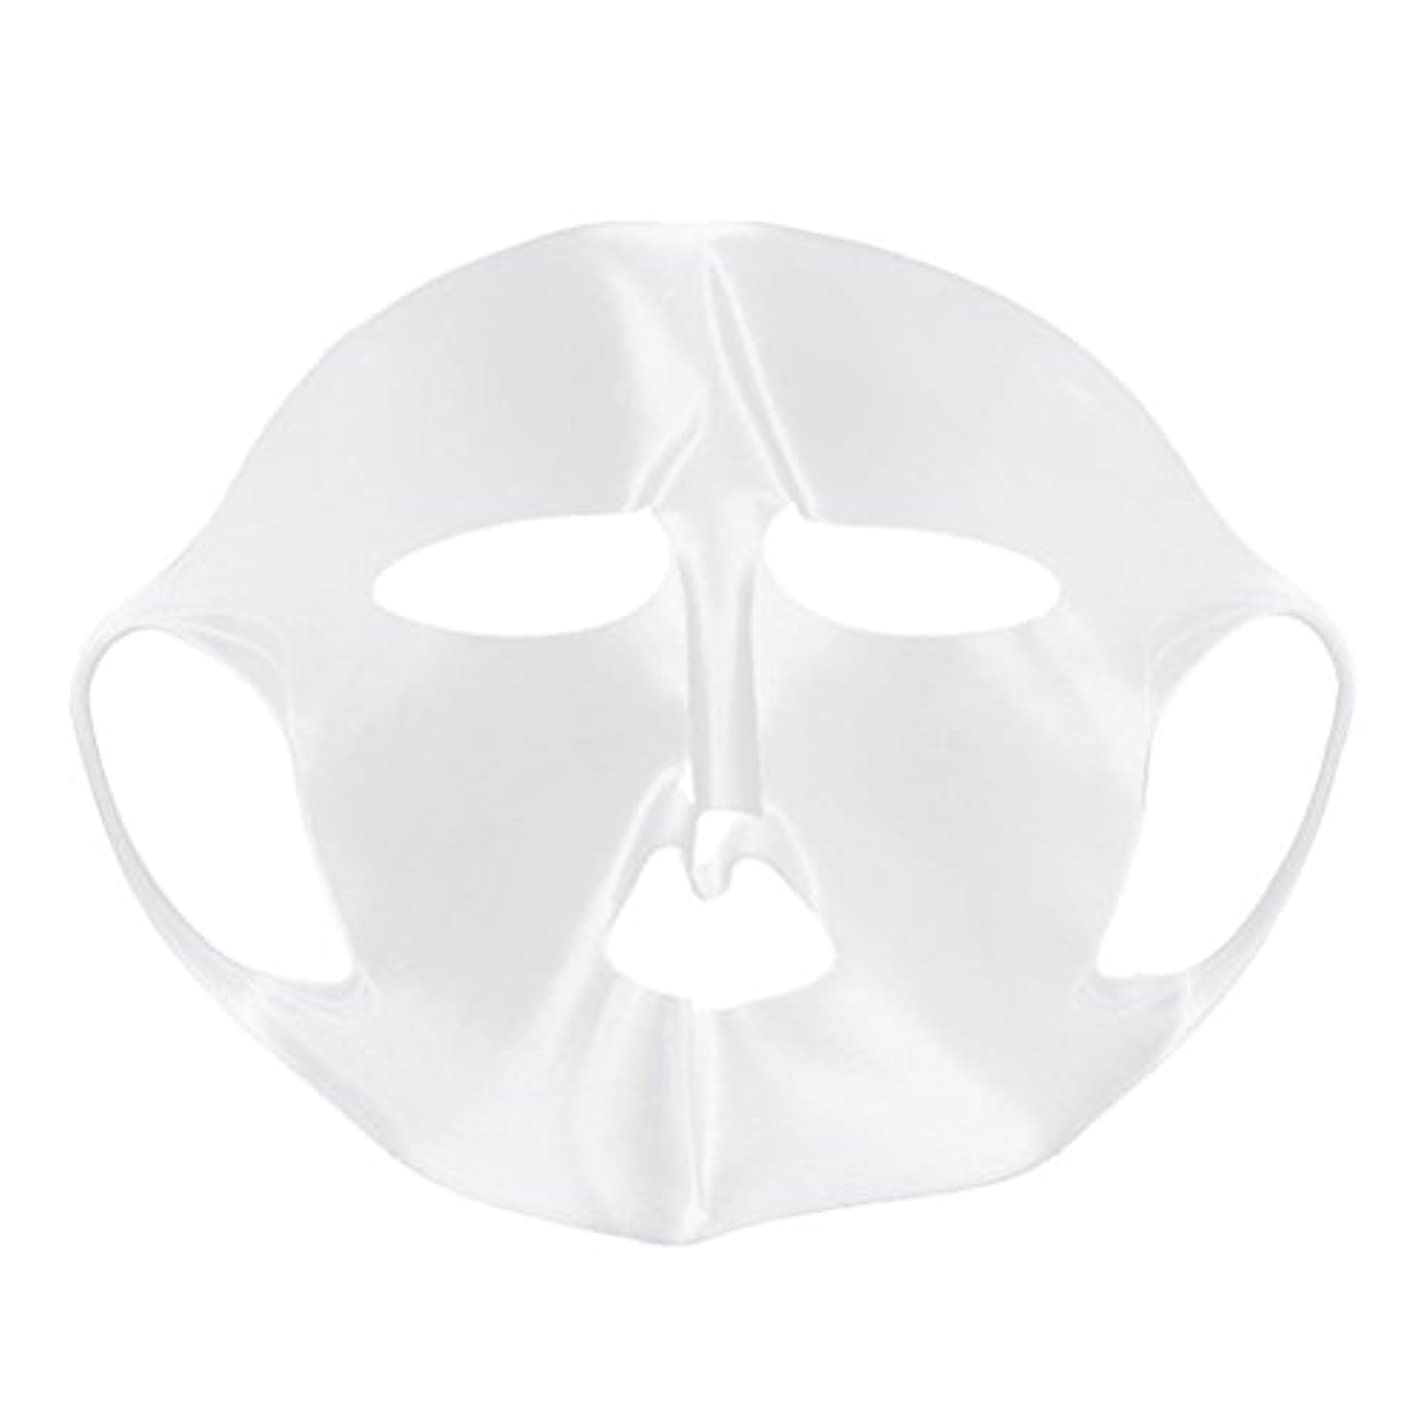 プレミアム陸軍ロシアBeaupretty シートマスクカバーのためのシリコーンの再使用可能な顔のマスクカバー顔の保湿マスク